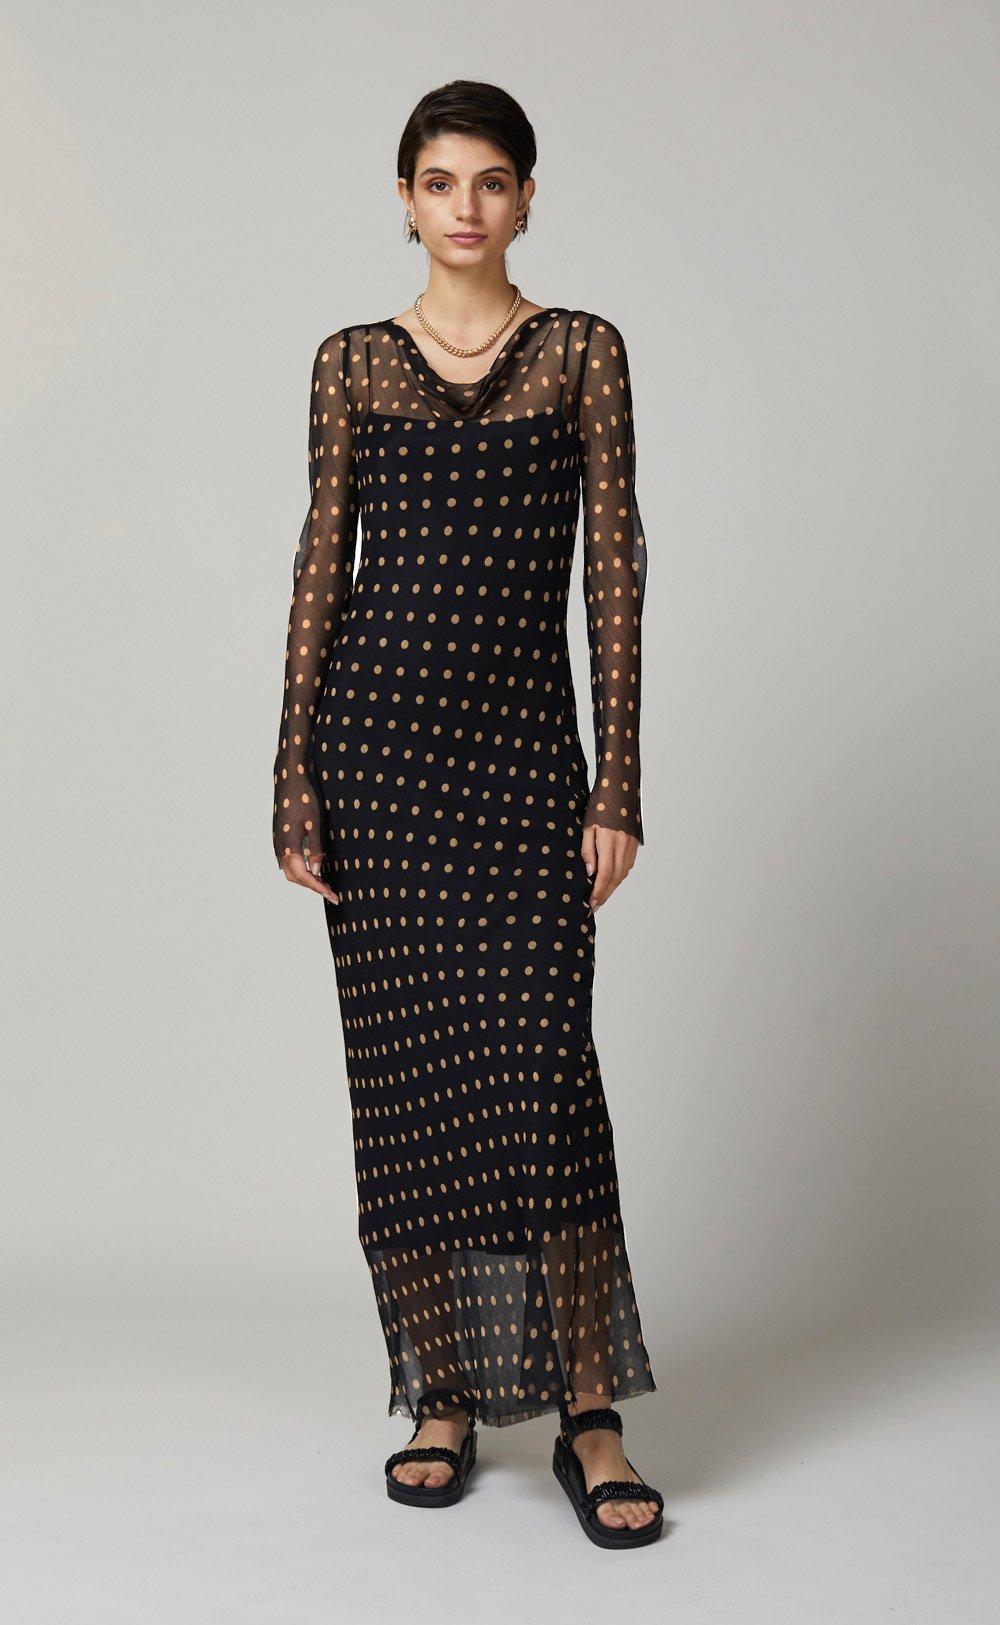 PARADIS MAXI DRESS by Bec and Bridge, available on becandbridge.com.au for $420 Natasha Oakley Dress Exact Product